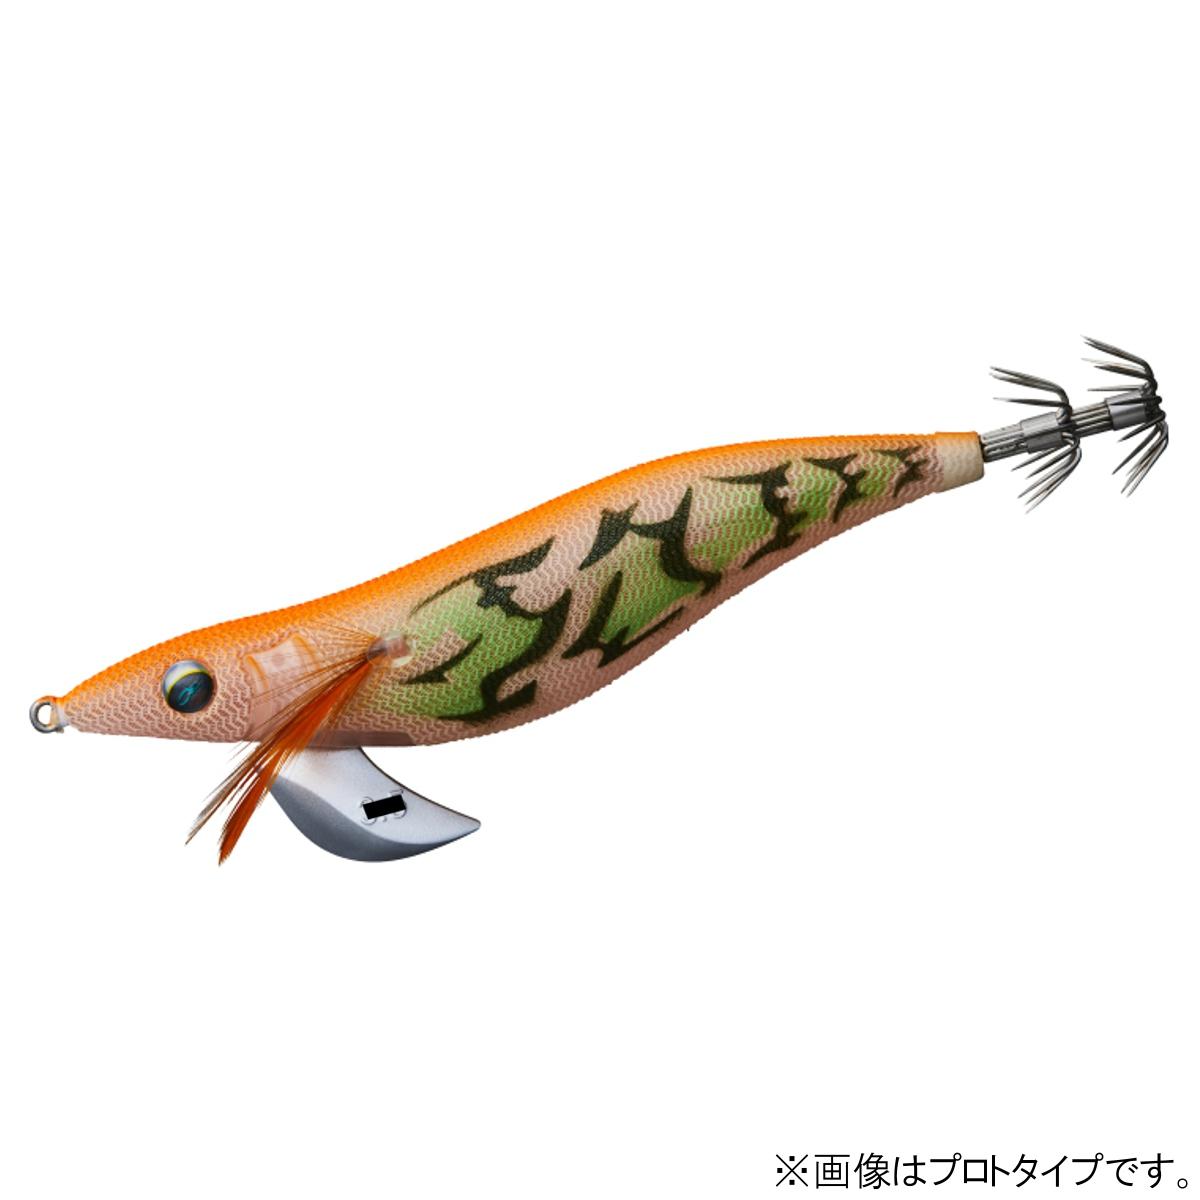 釣具のポイント ダイワ エメラルダス ステイ 3.0号 夜光-オレンジエビ - rioinaweek.com